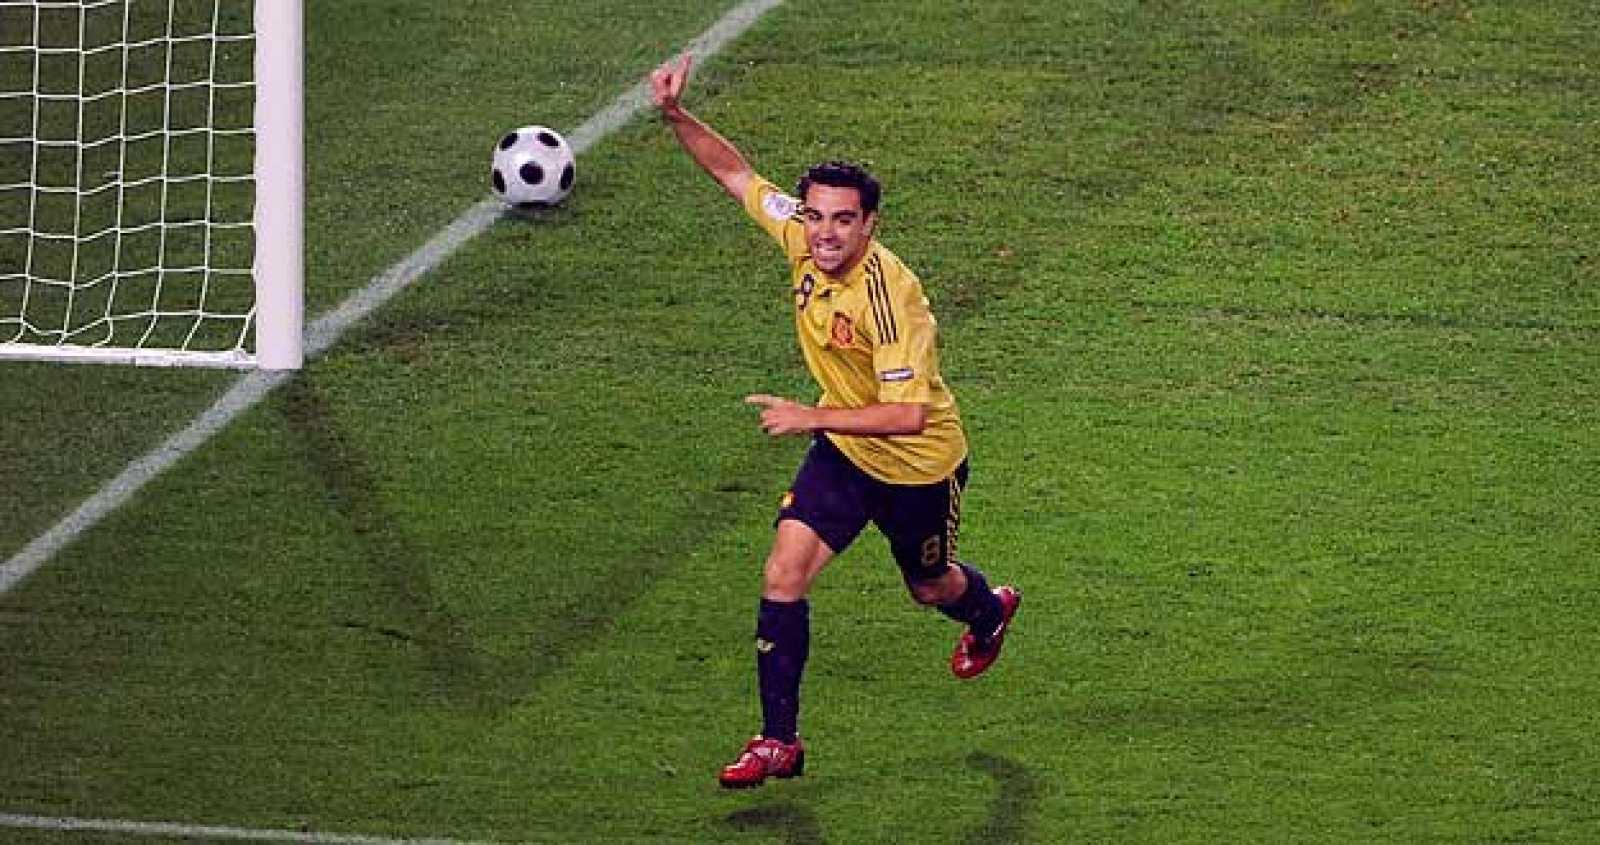 La UEFA nombra a Xavi Hernández mejor jugador de la Eurocopa - RTVE.es